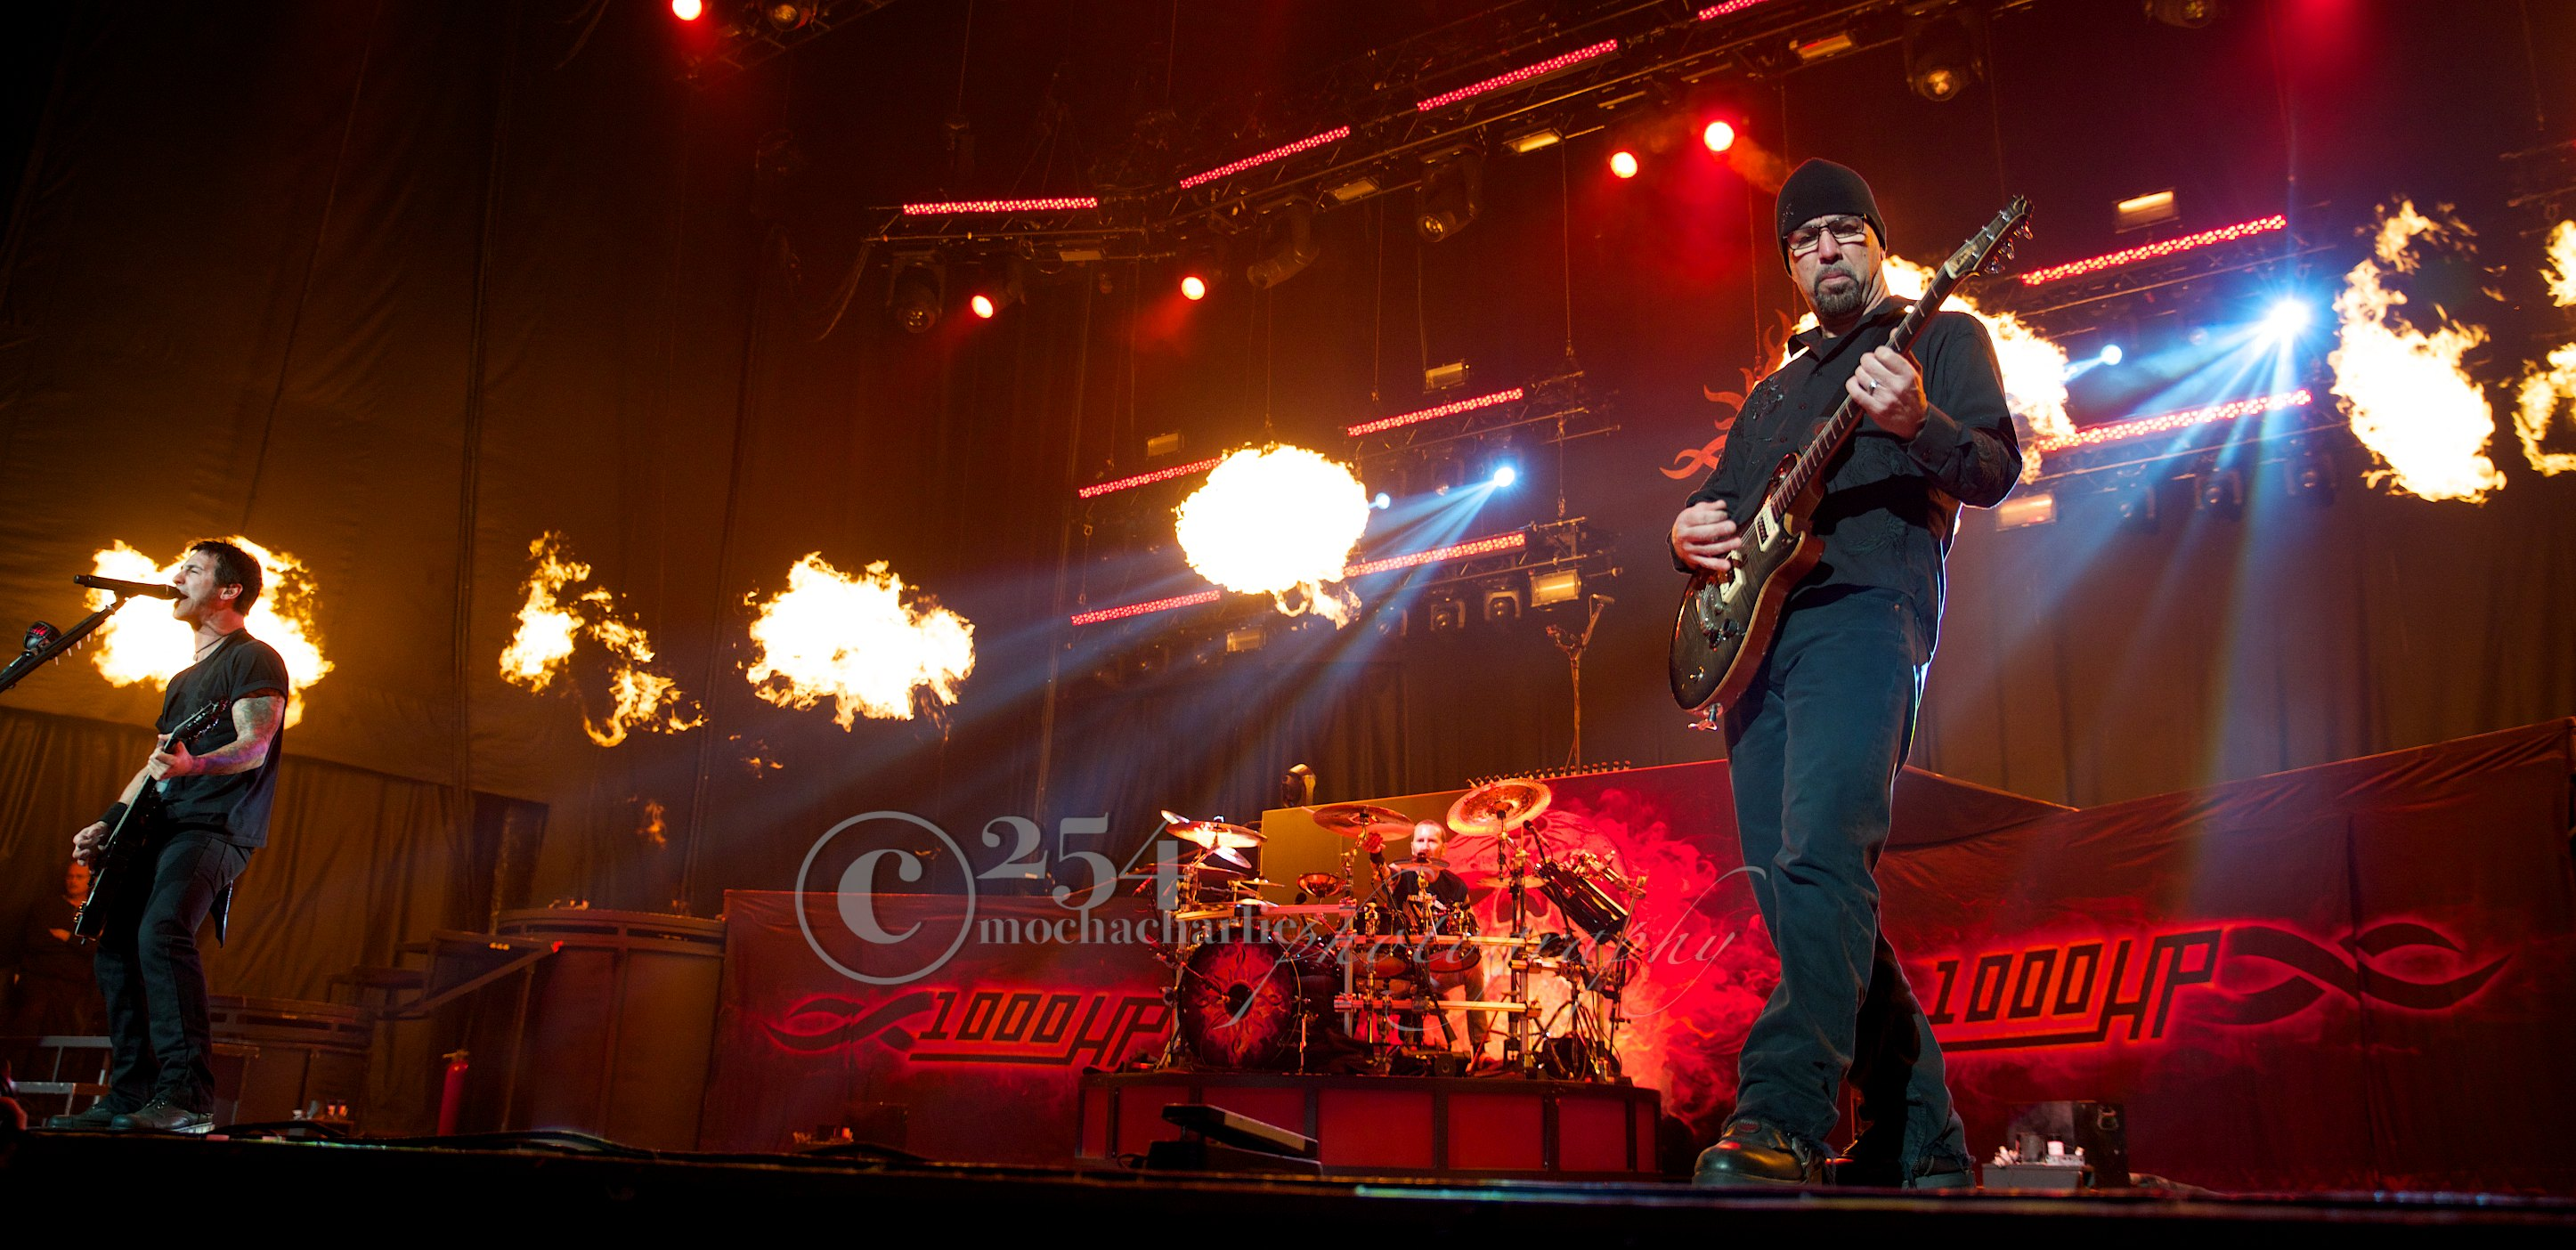 Godsmack at Uproar (Photo by Mocha Charlie)